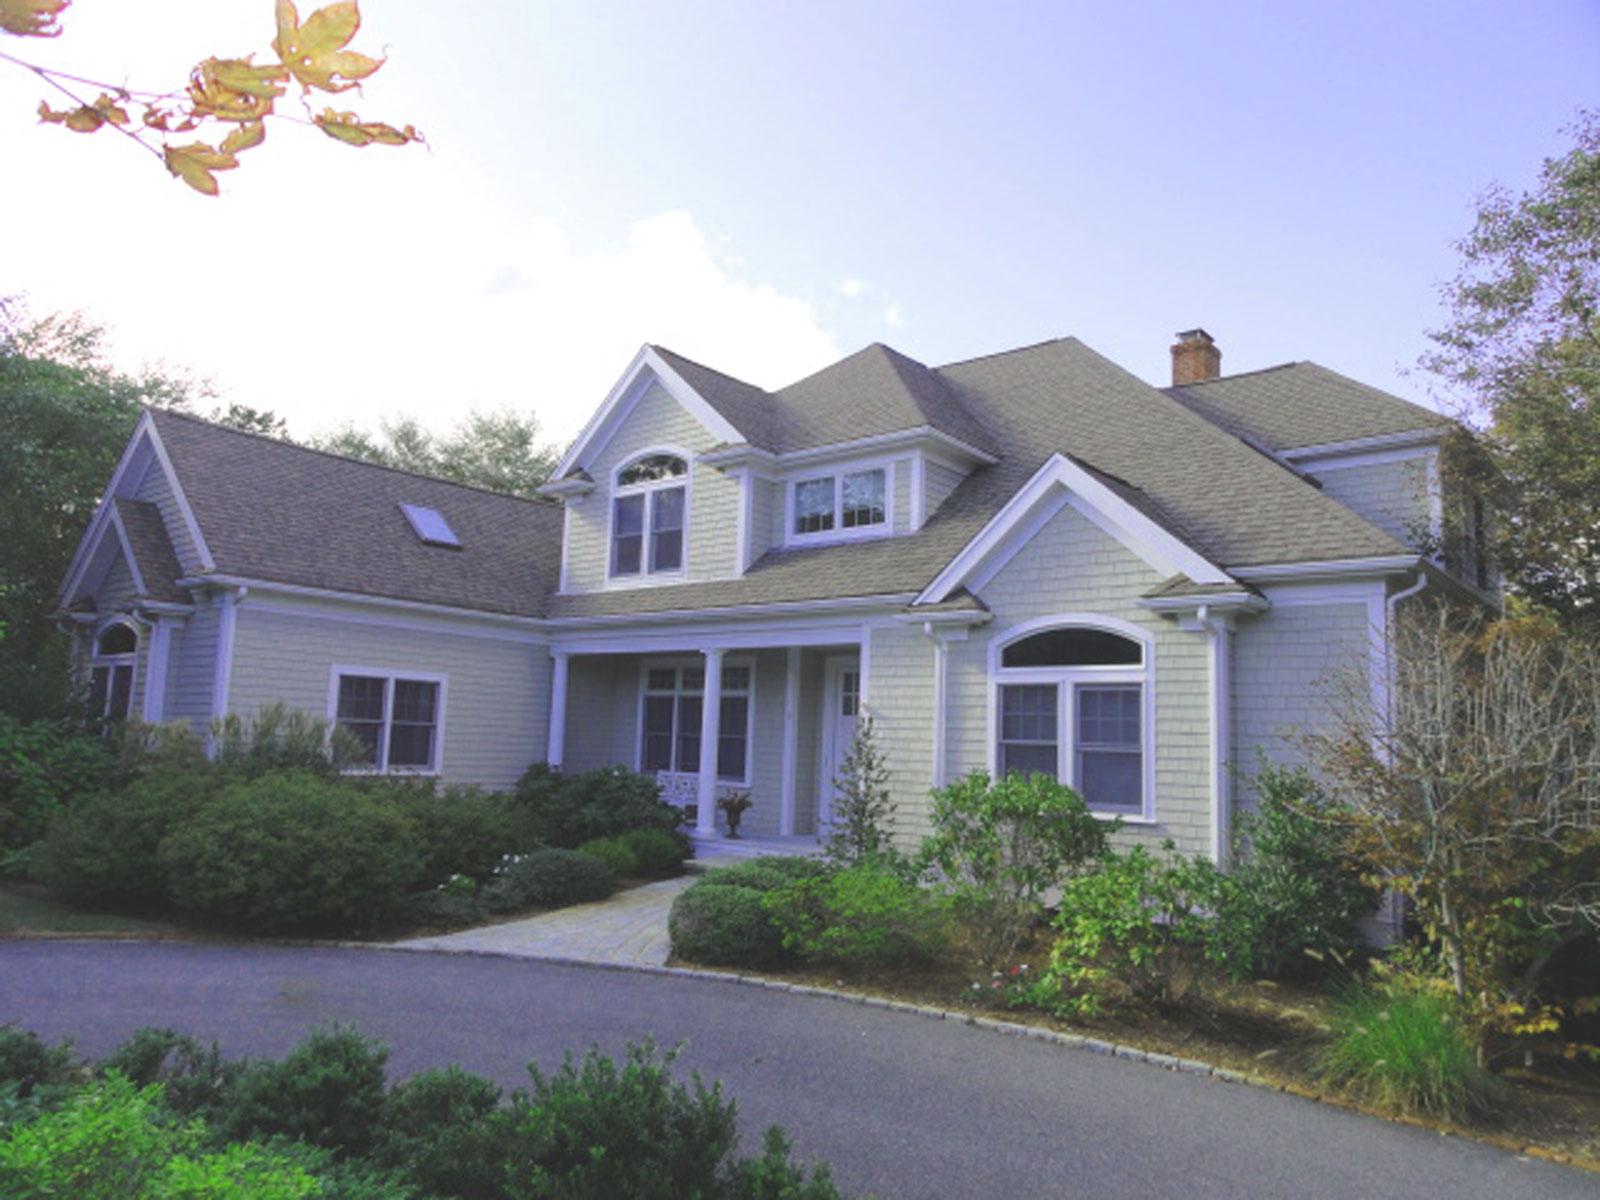 獨棟家庭住宅 為 出售 在 ORIGINAL BUILDERS HOME WITH ARCHITECTURAL DETAILING THROUGHOUT 35 Slice Way New Seabury, 麻塞諸塞州, 02649 美國在/周邊: Mashpee